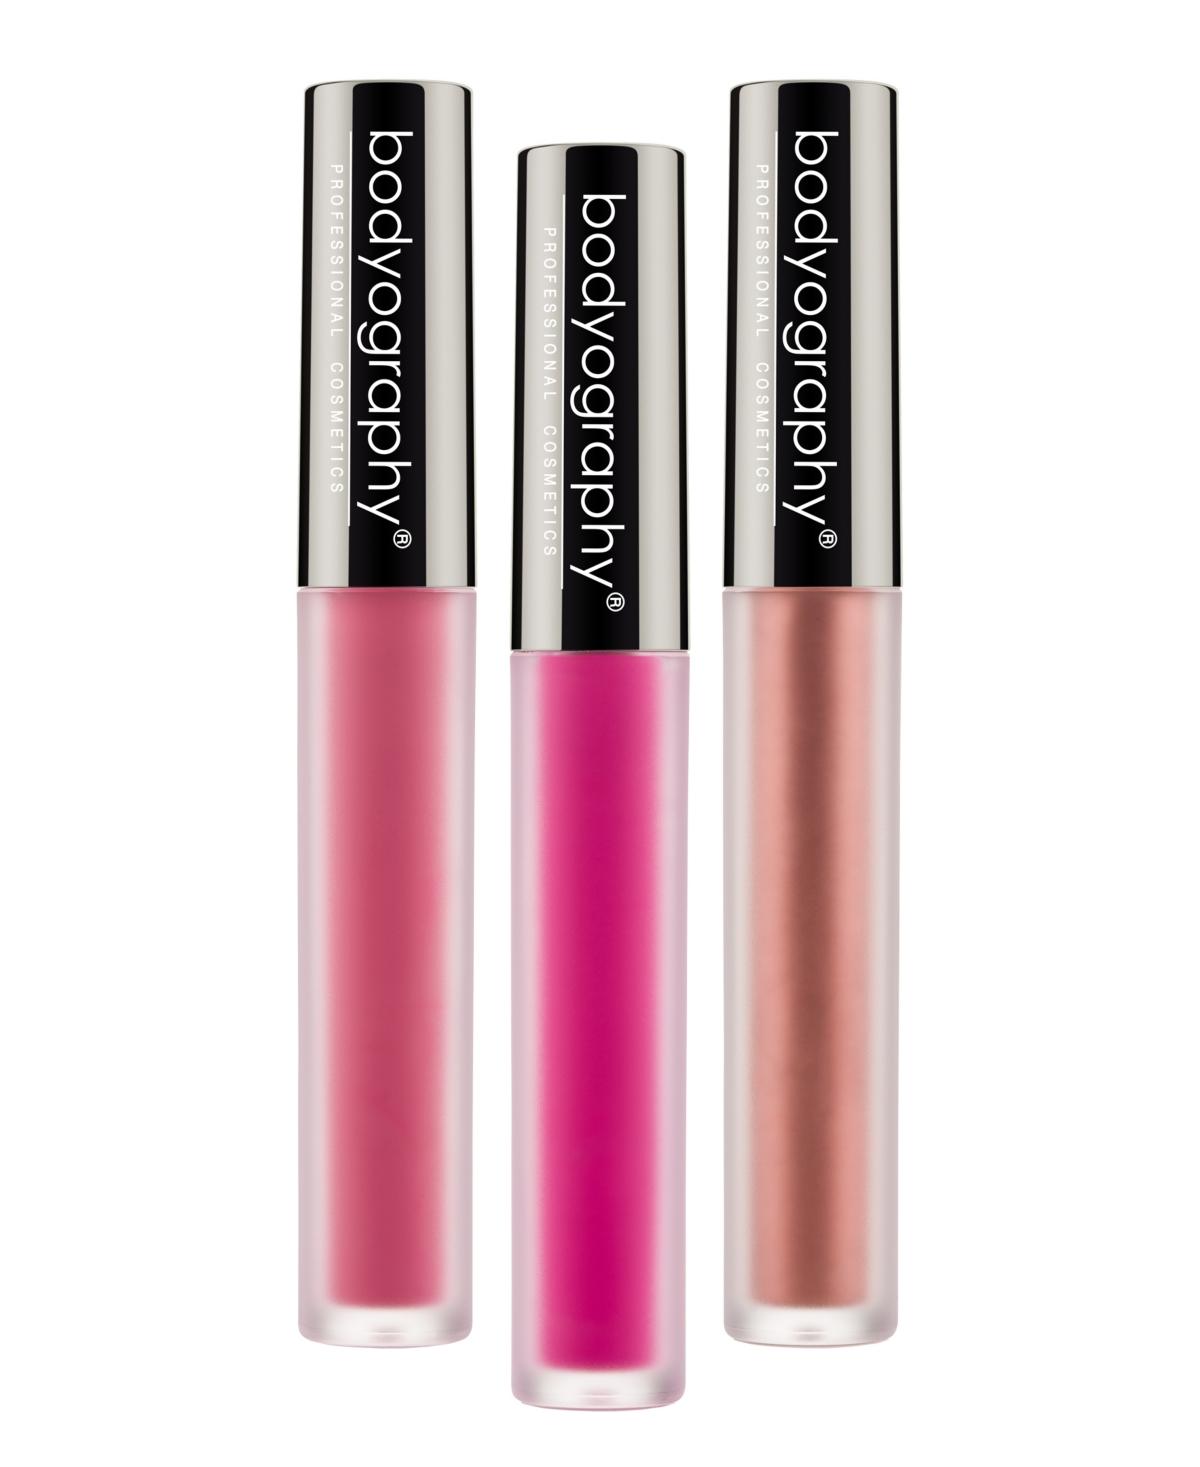 Bodyography Lip Lava Liquid Lipstick Trio